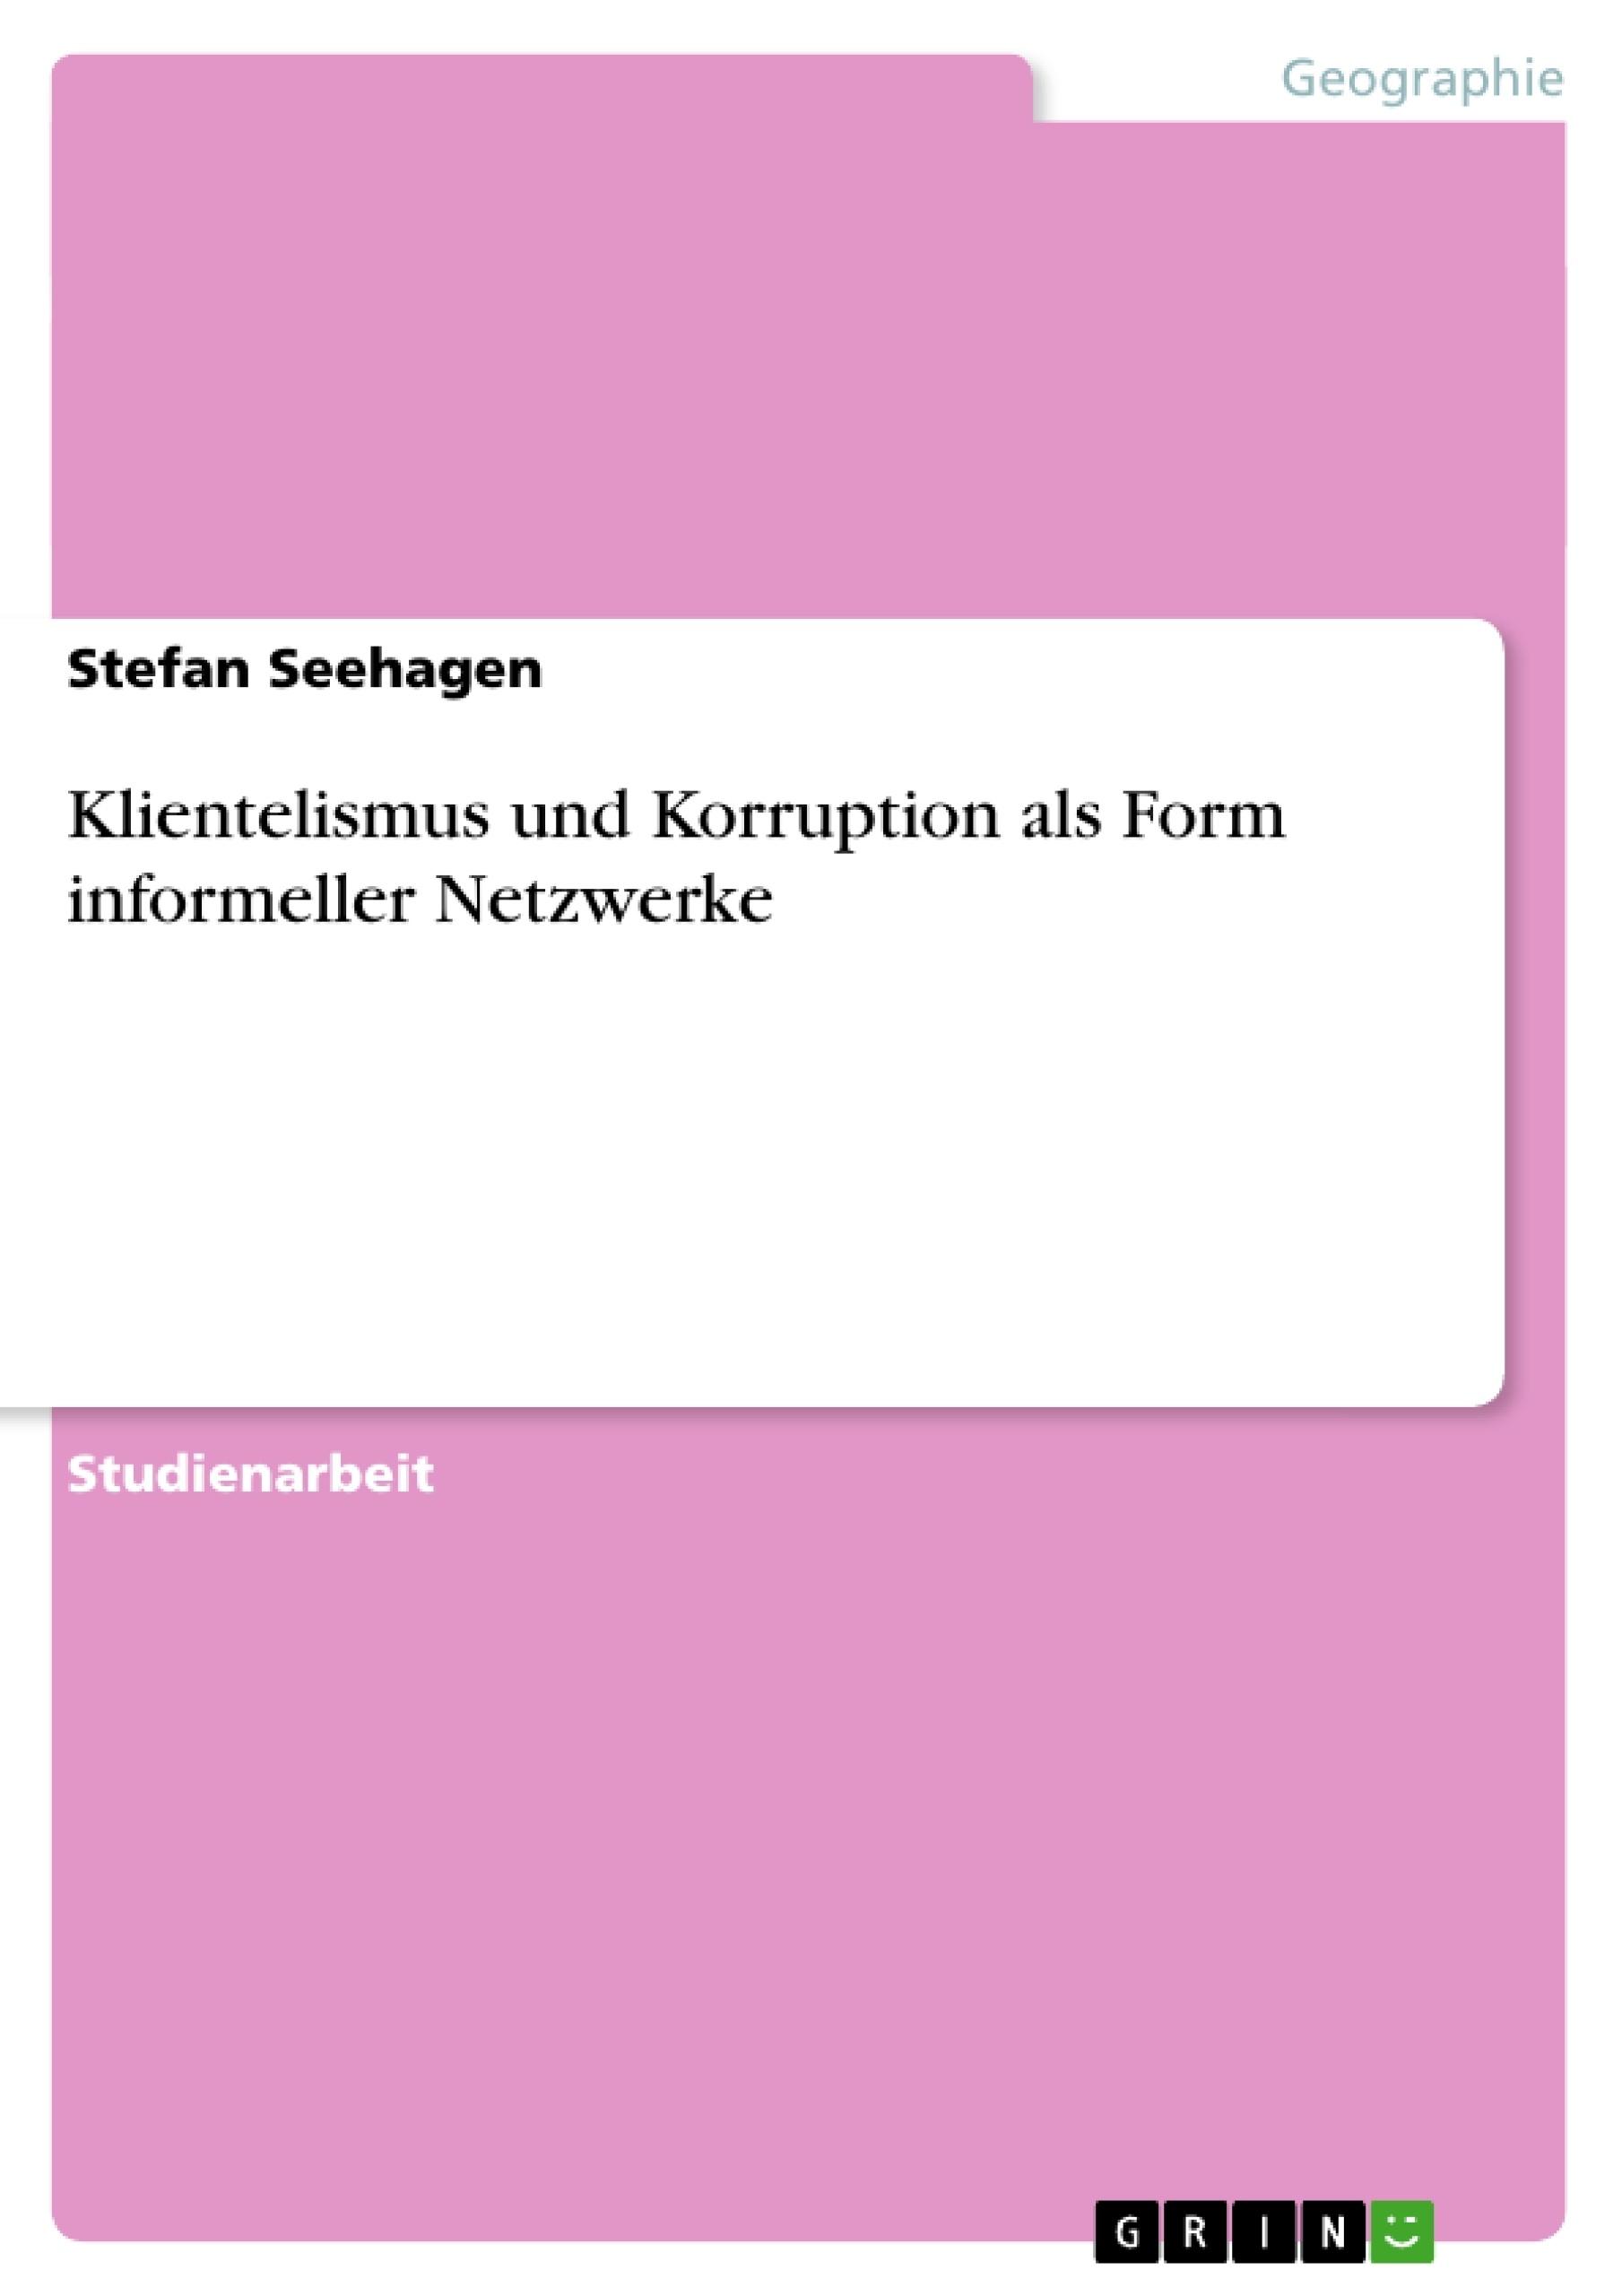 Titel: Klientelismus und Korruption als Form informeller Netzwerke